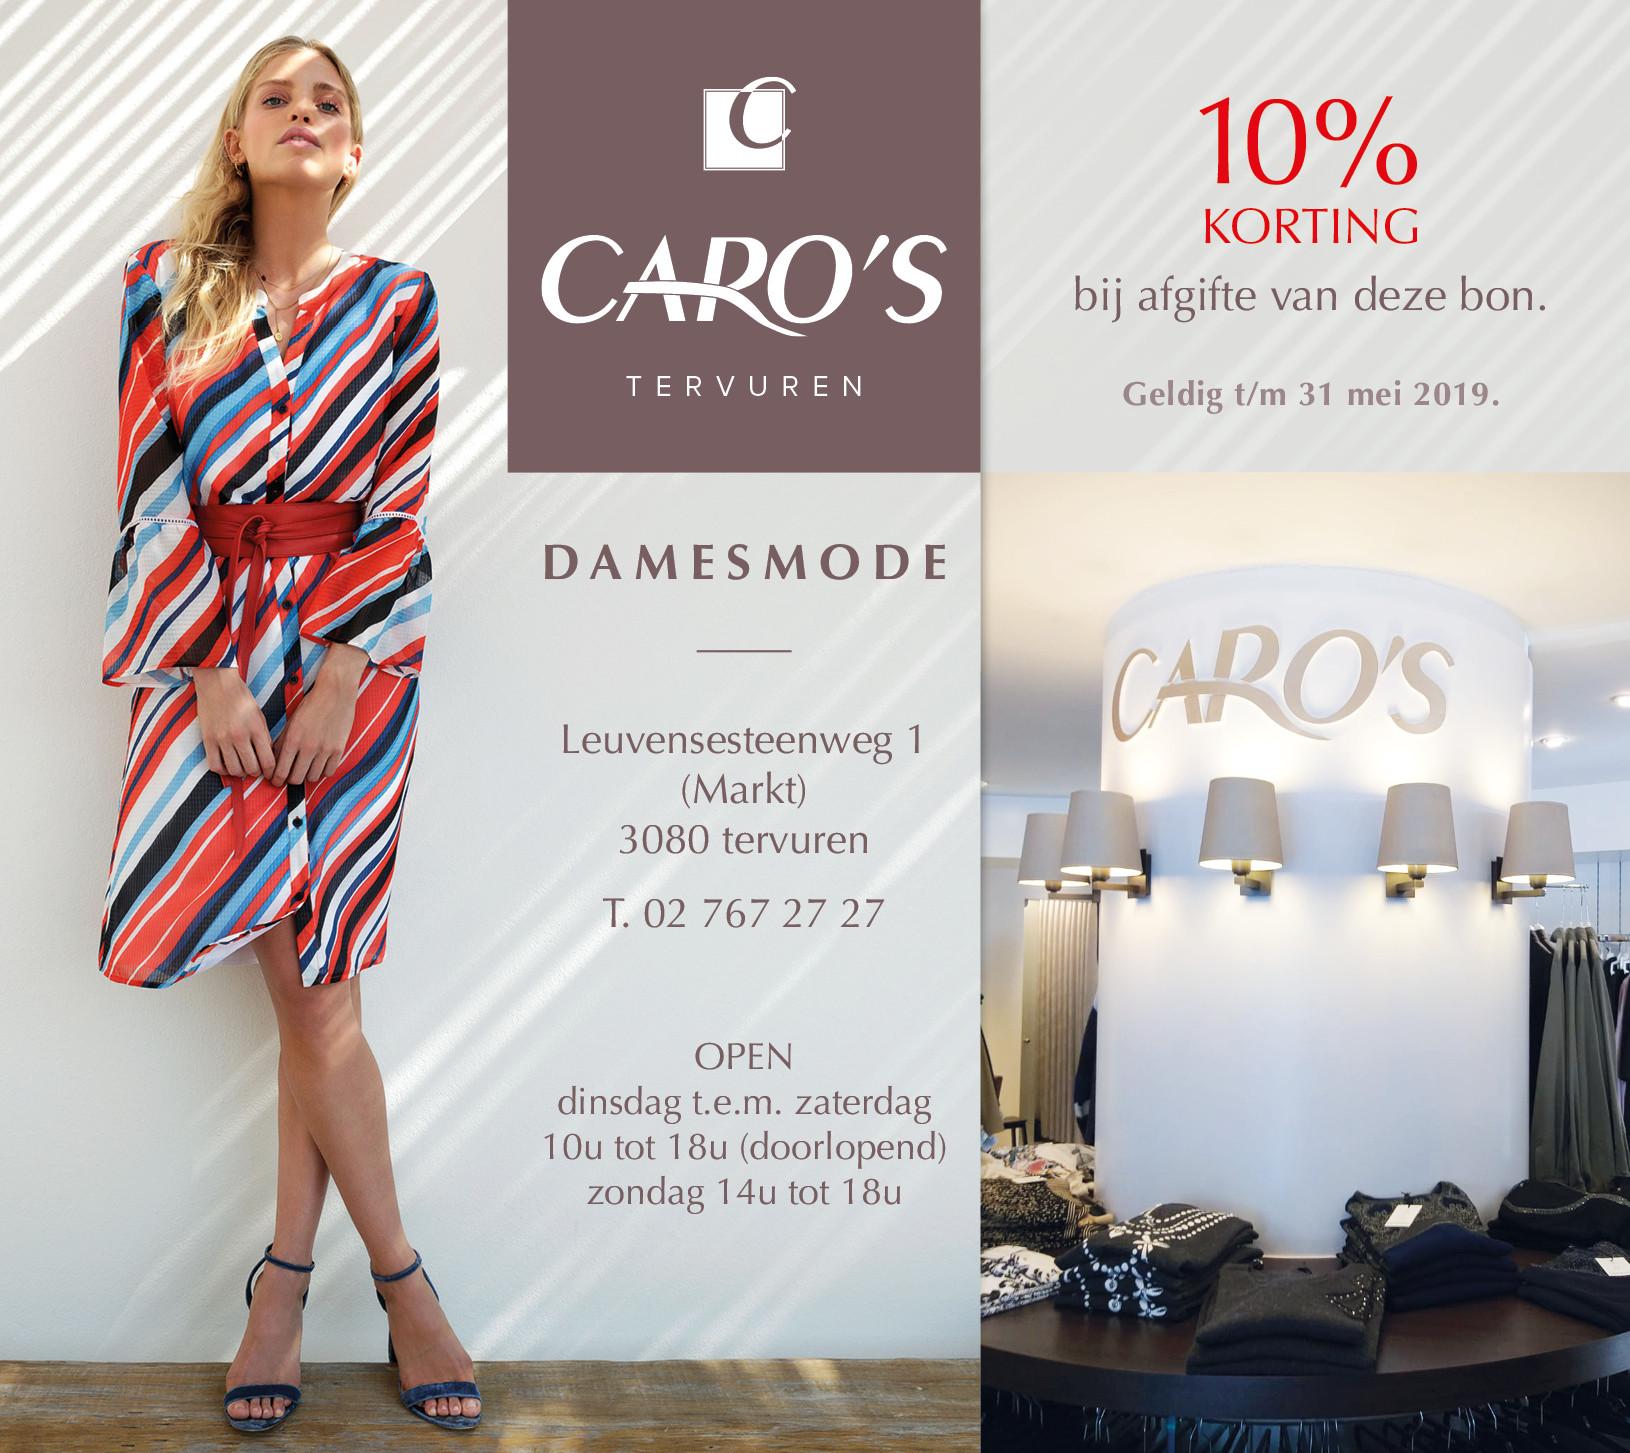 caros_damesmode_tervuren_maart_2019.jpg